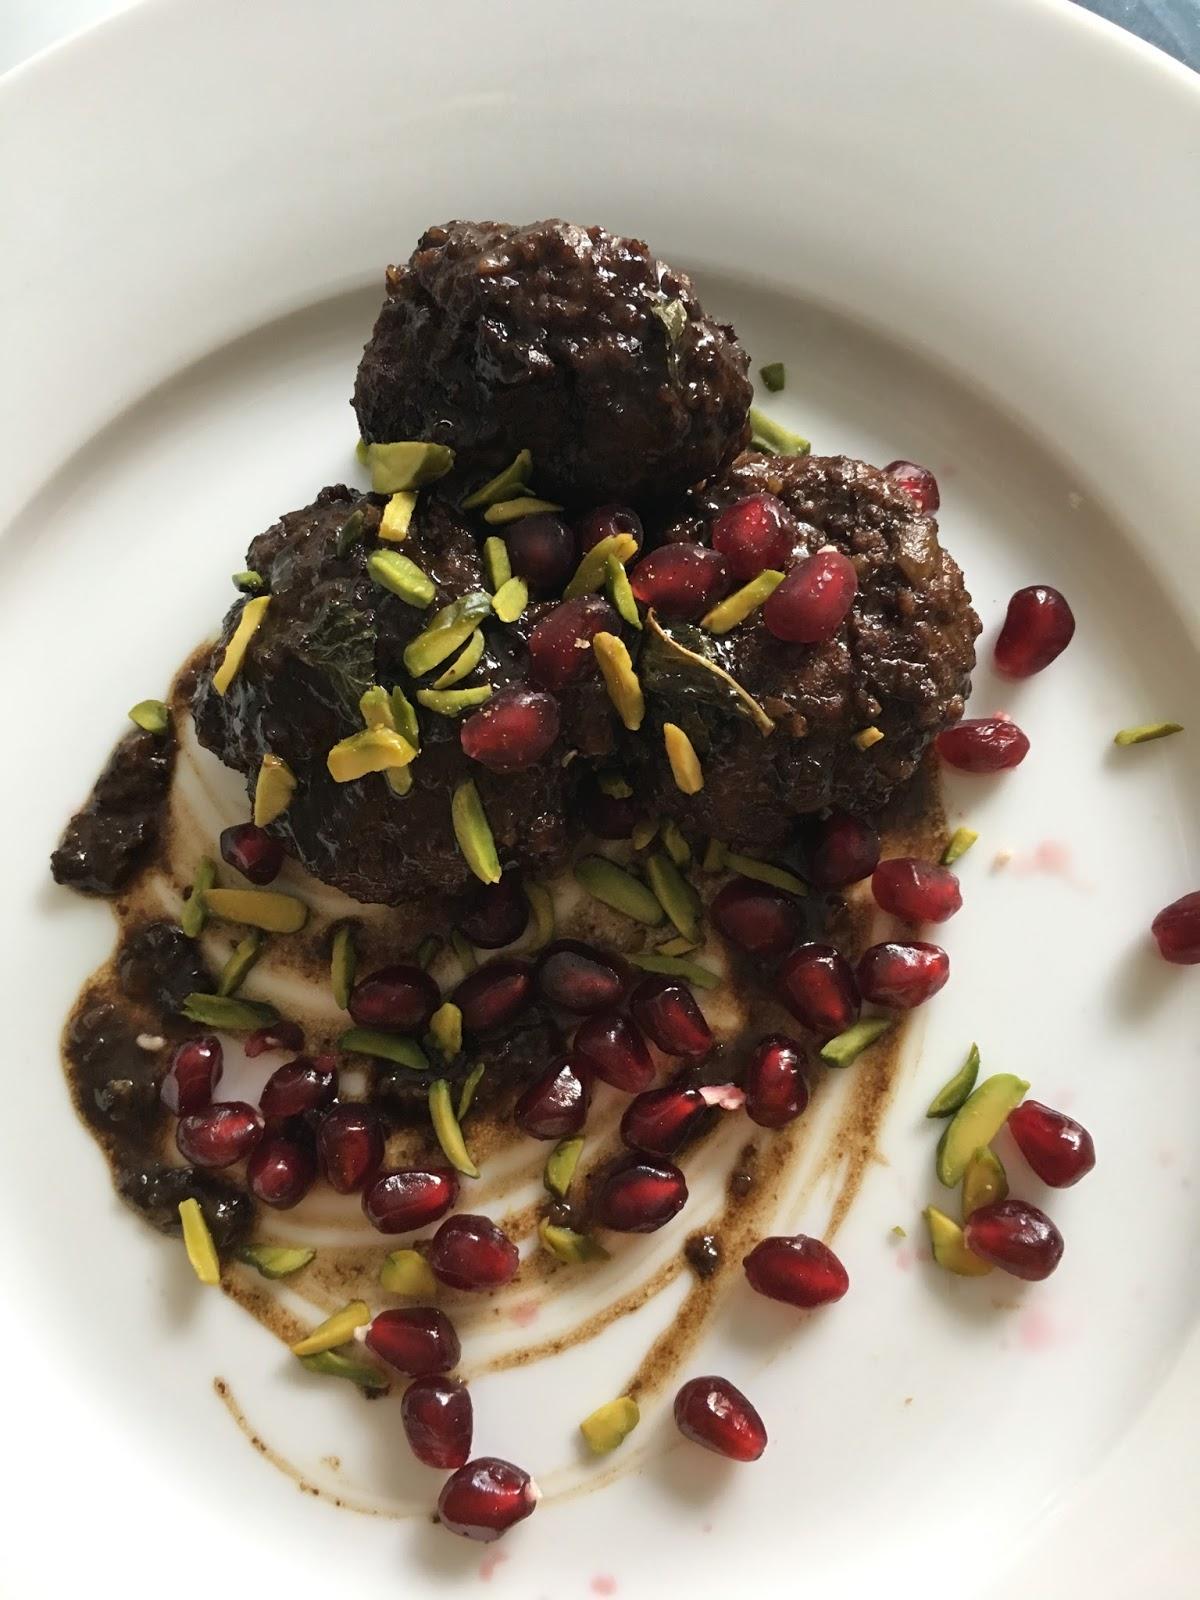 La mia cucina persiana: Polpette alle Noci e Salsa di Melograno ...